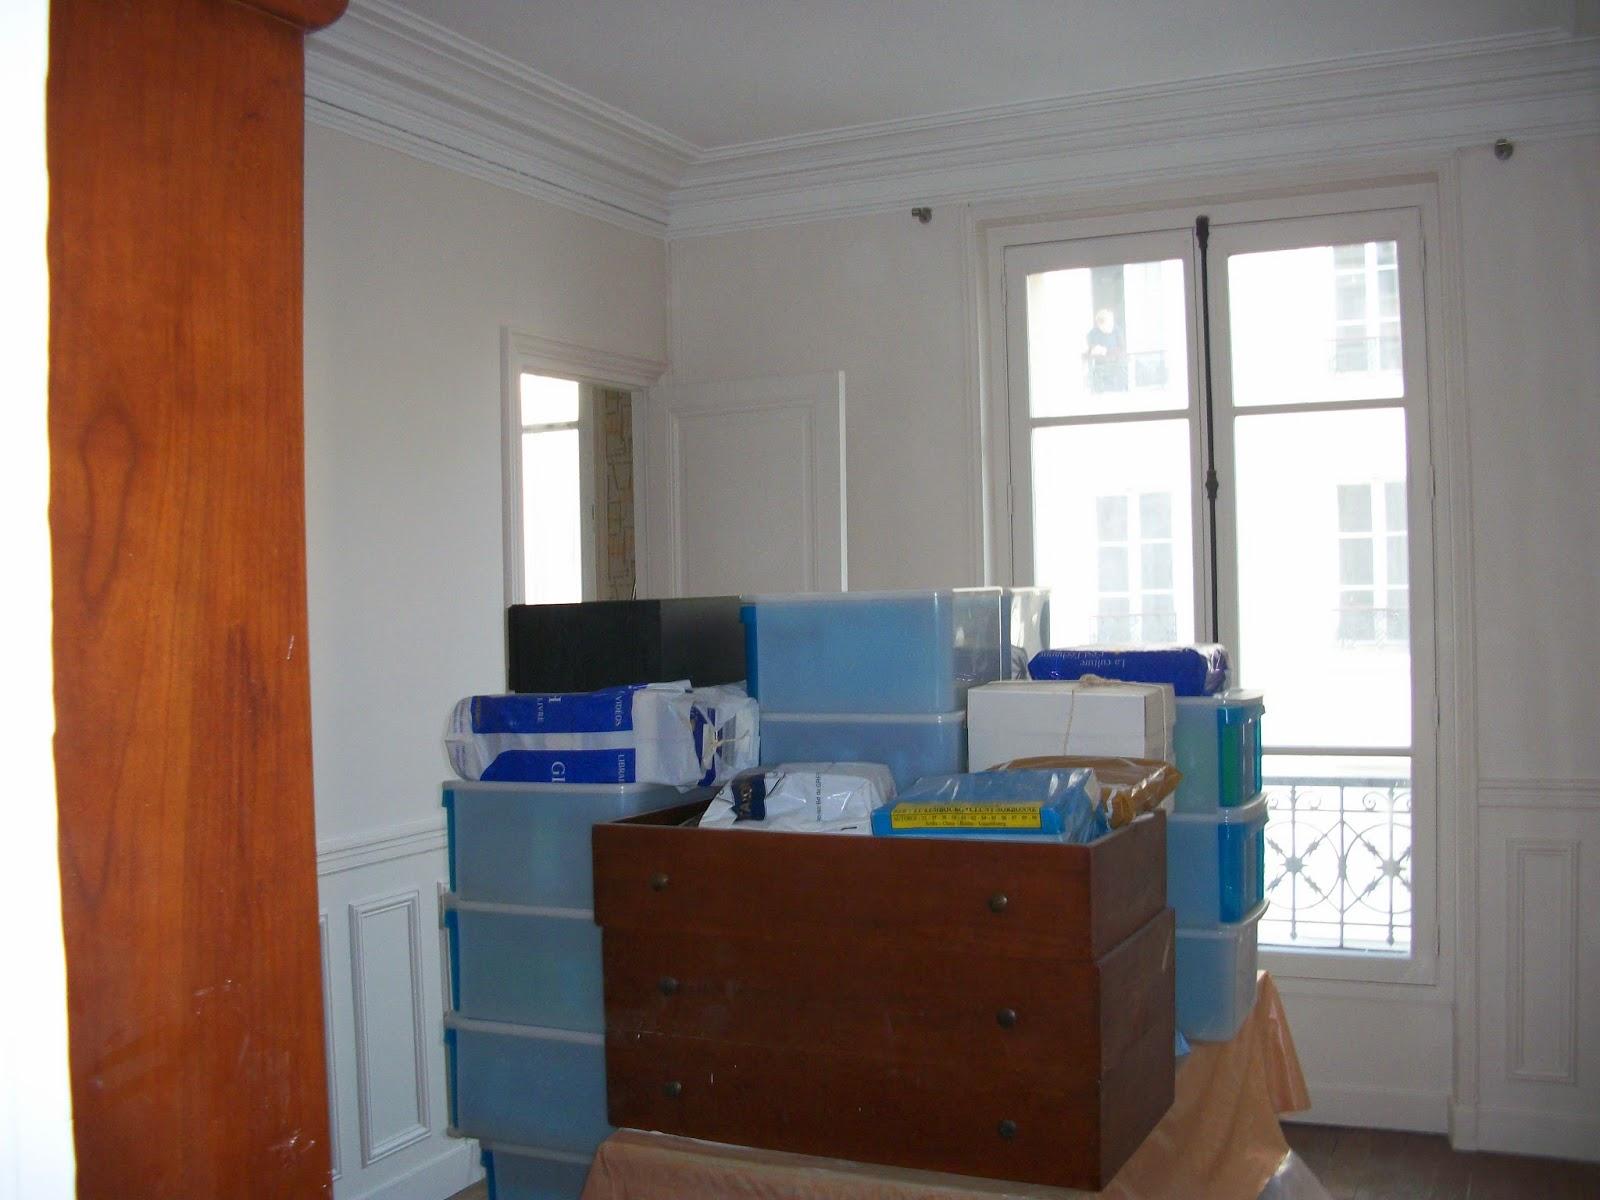 exemple devis peinture chambre de conception d exemple devis peinture chambre toit orleans - Exemple Devis Peinture Chambre